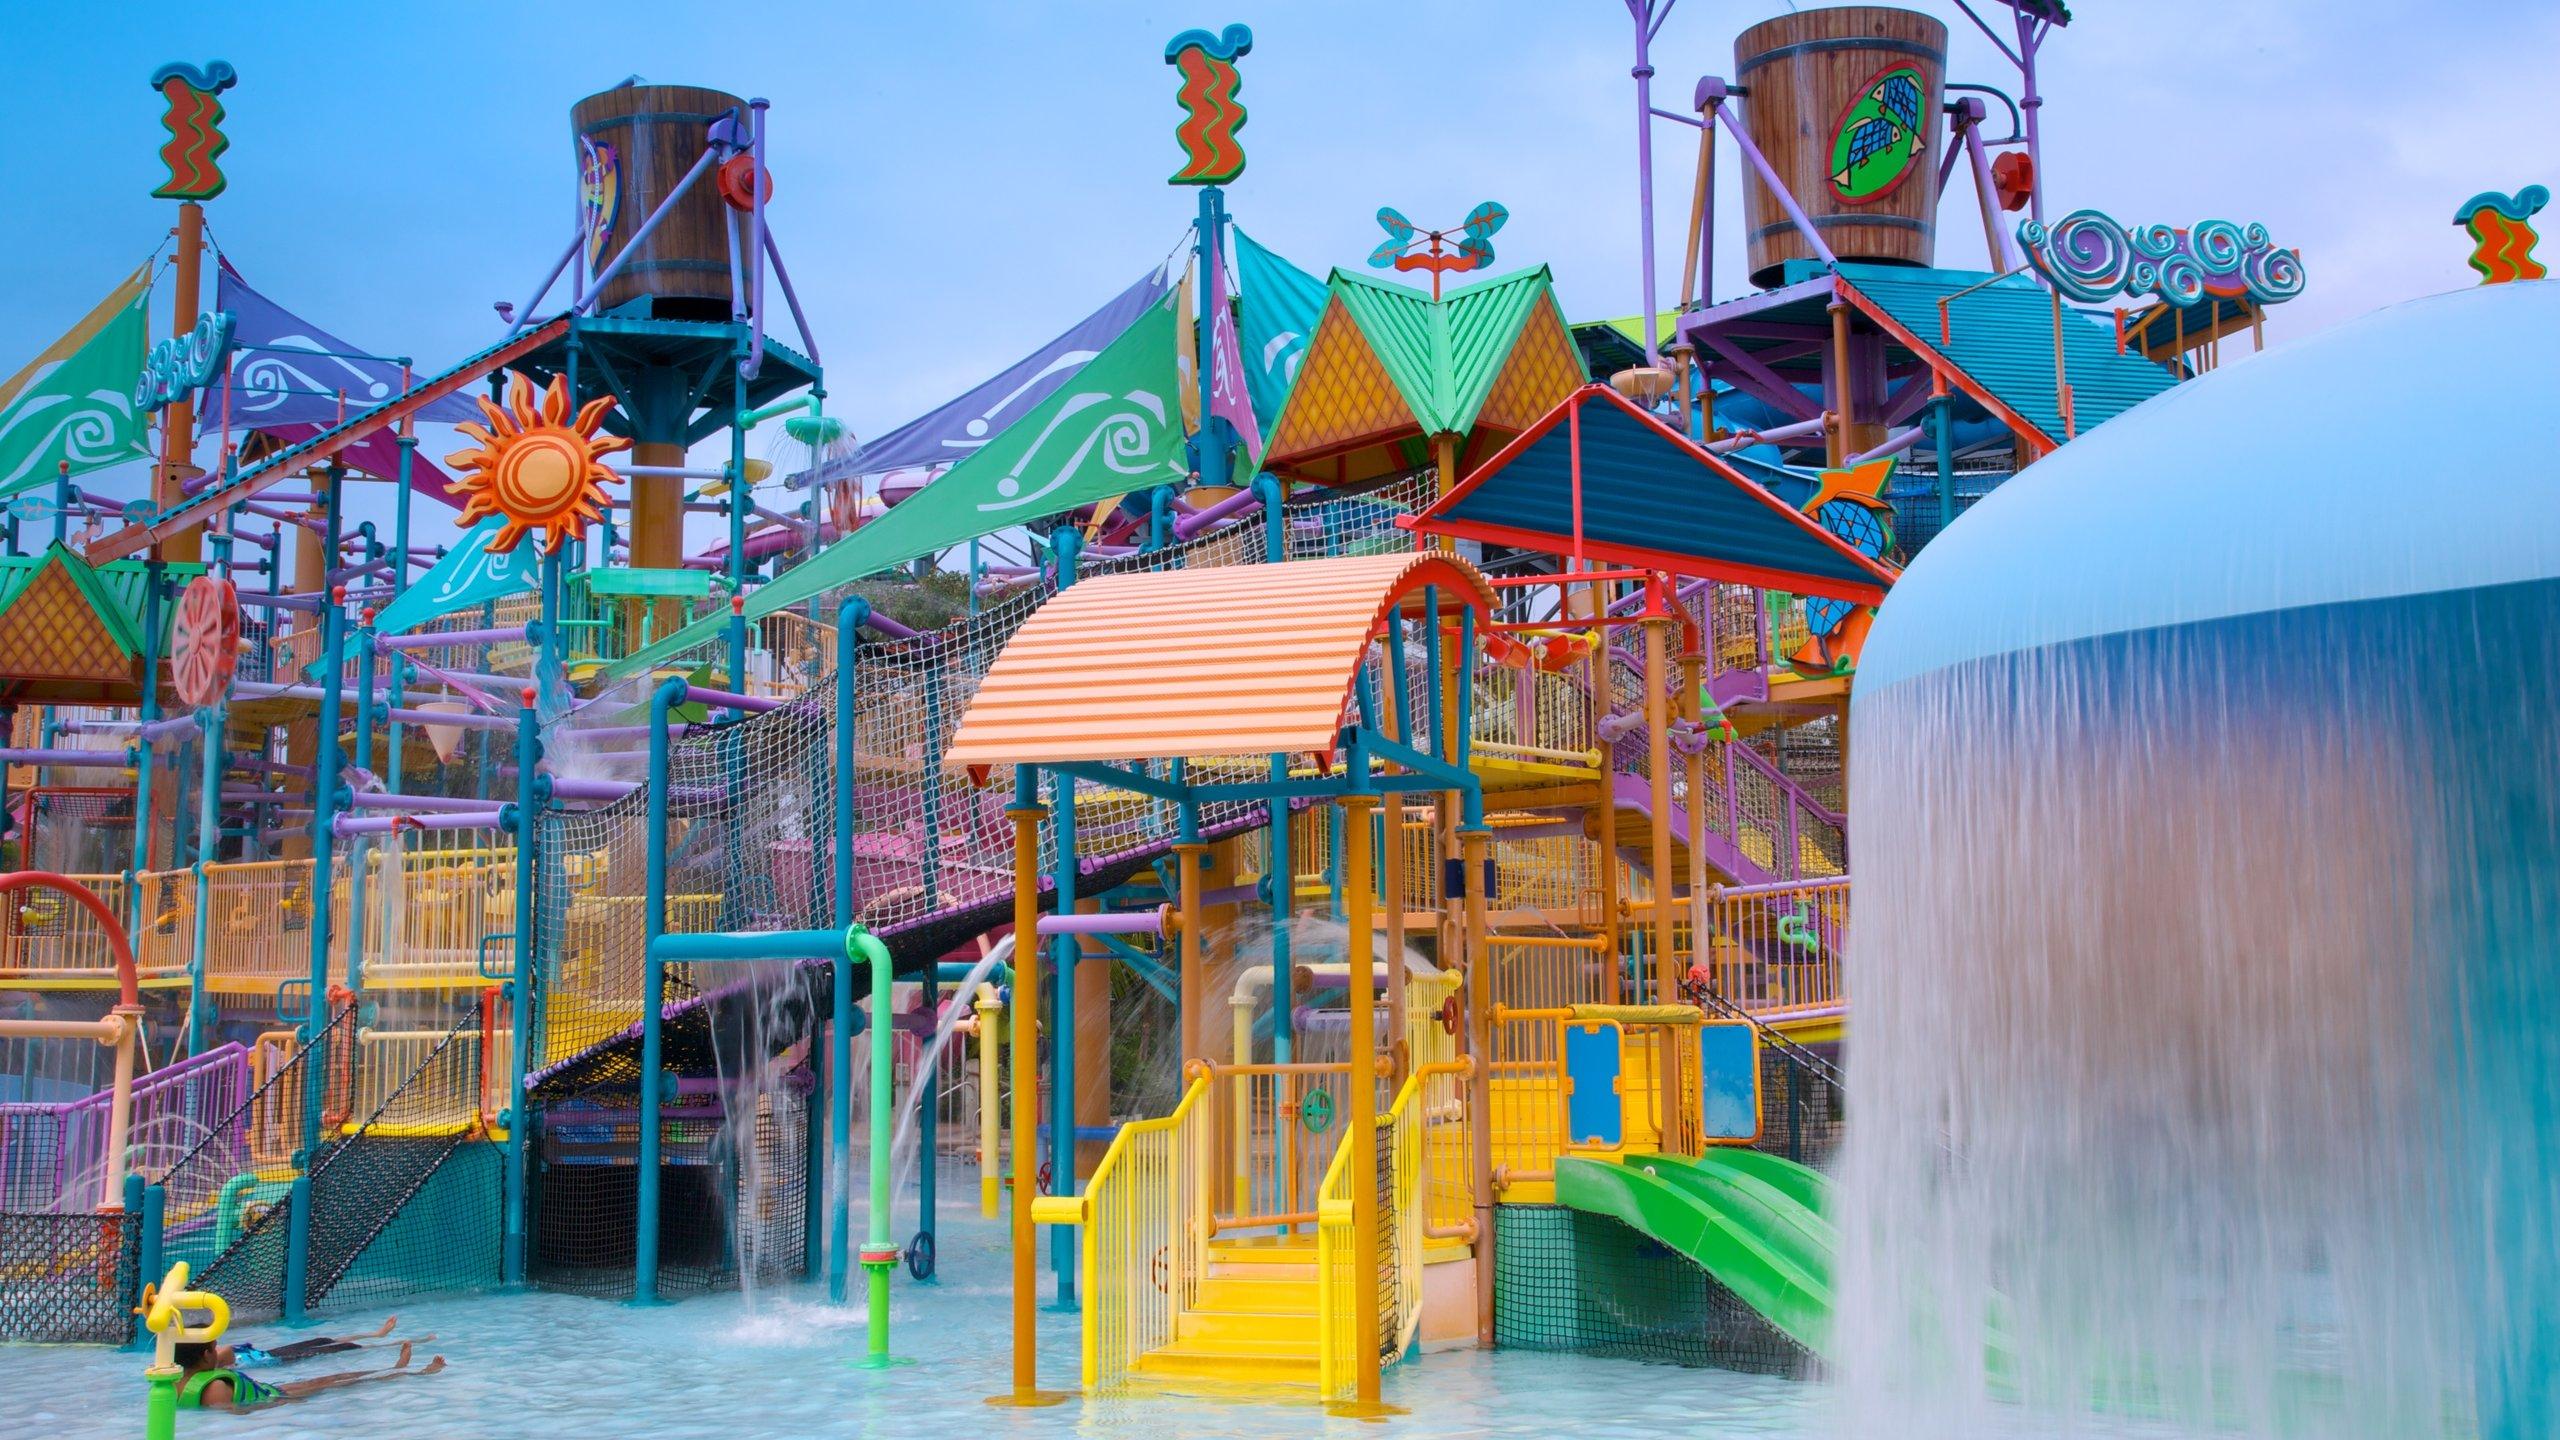 Bawa keluarga ke SeaWorld® Orlando dan nikmati keseruan taman hiburan di Orlando. Jelajahi pilihan hiburan di area cocok untuk keluarga ini, atau nikmati aktivitas lapangan golf.